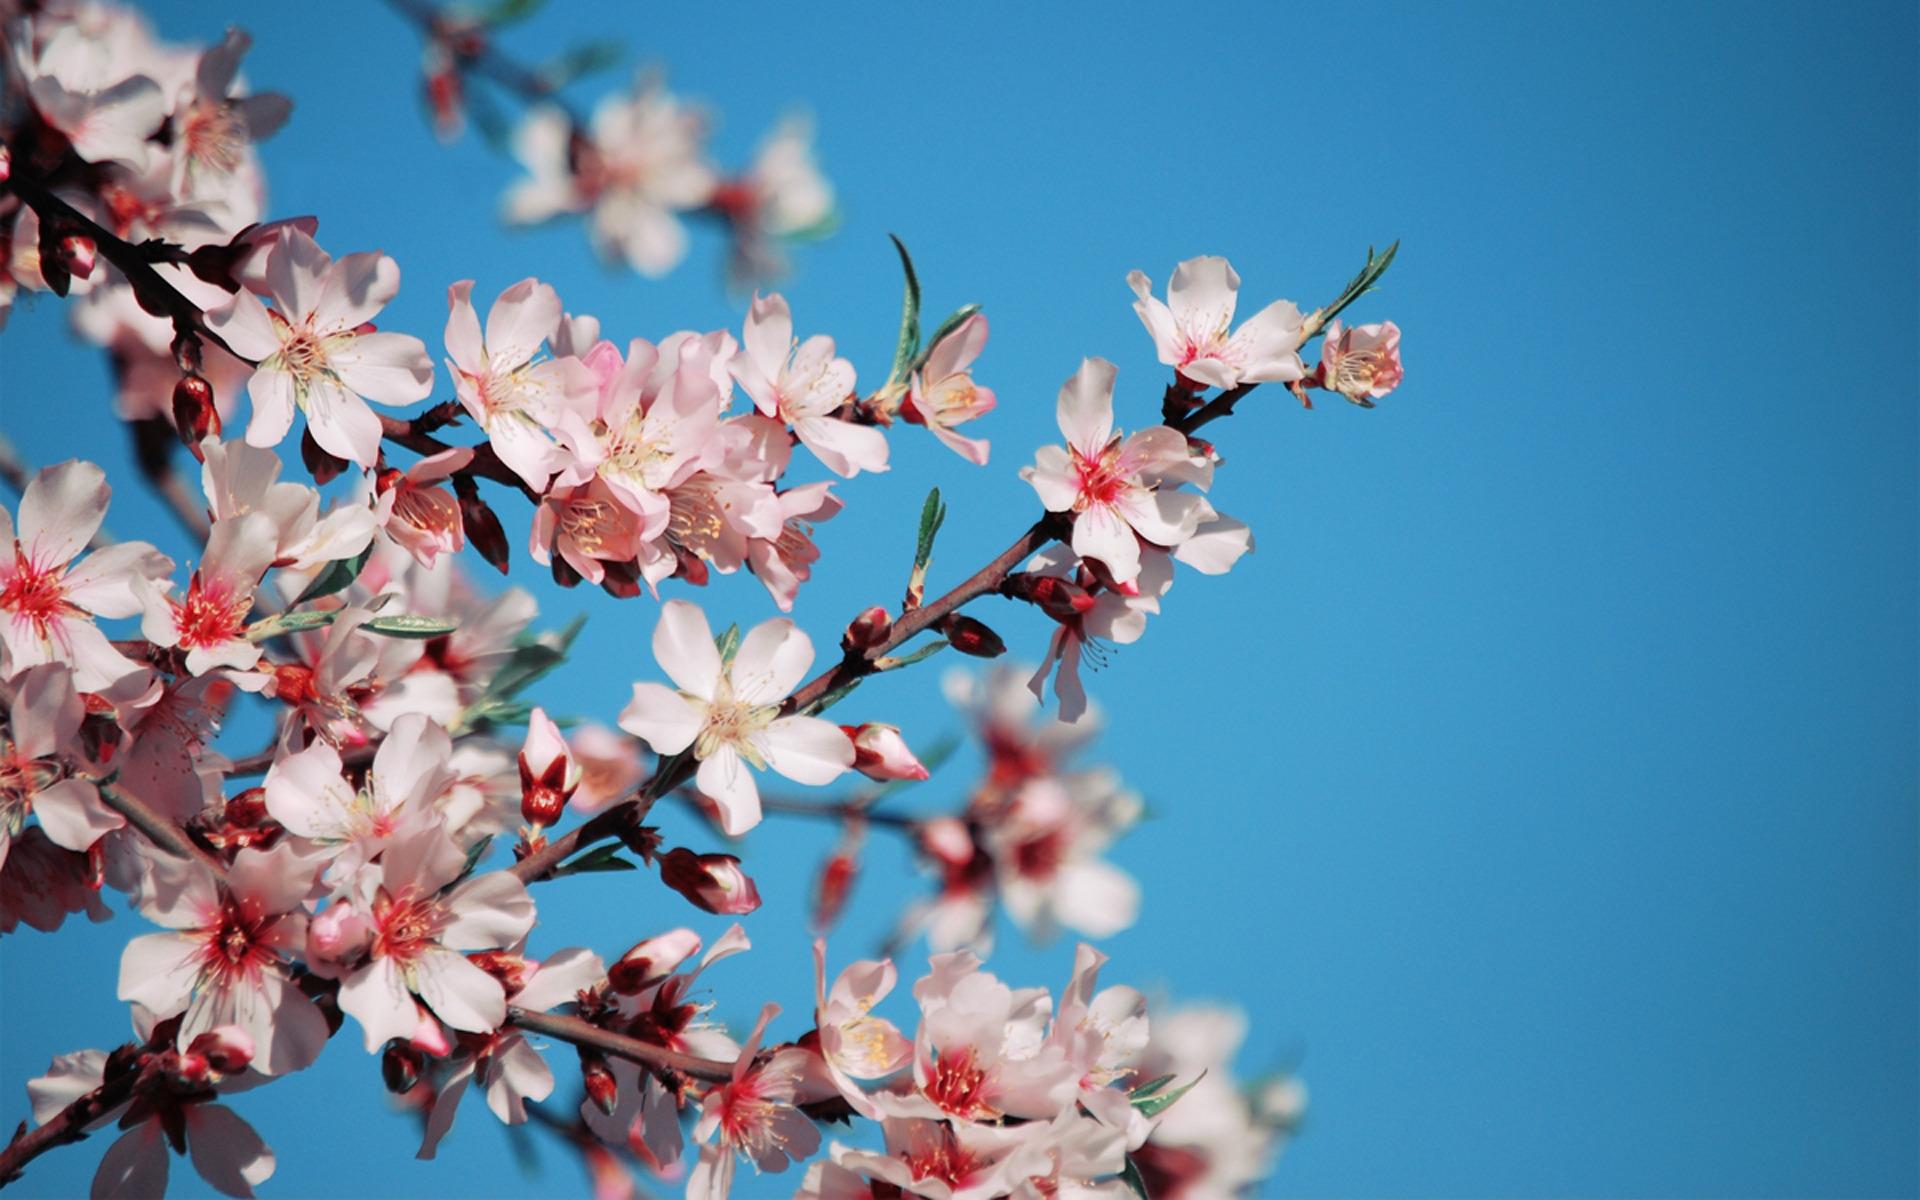 21506 скачать обои Растения, Цветы, Деревья, Сакура - заставки и картинки бесплатно